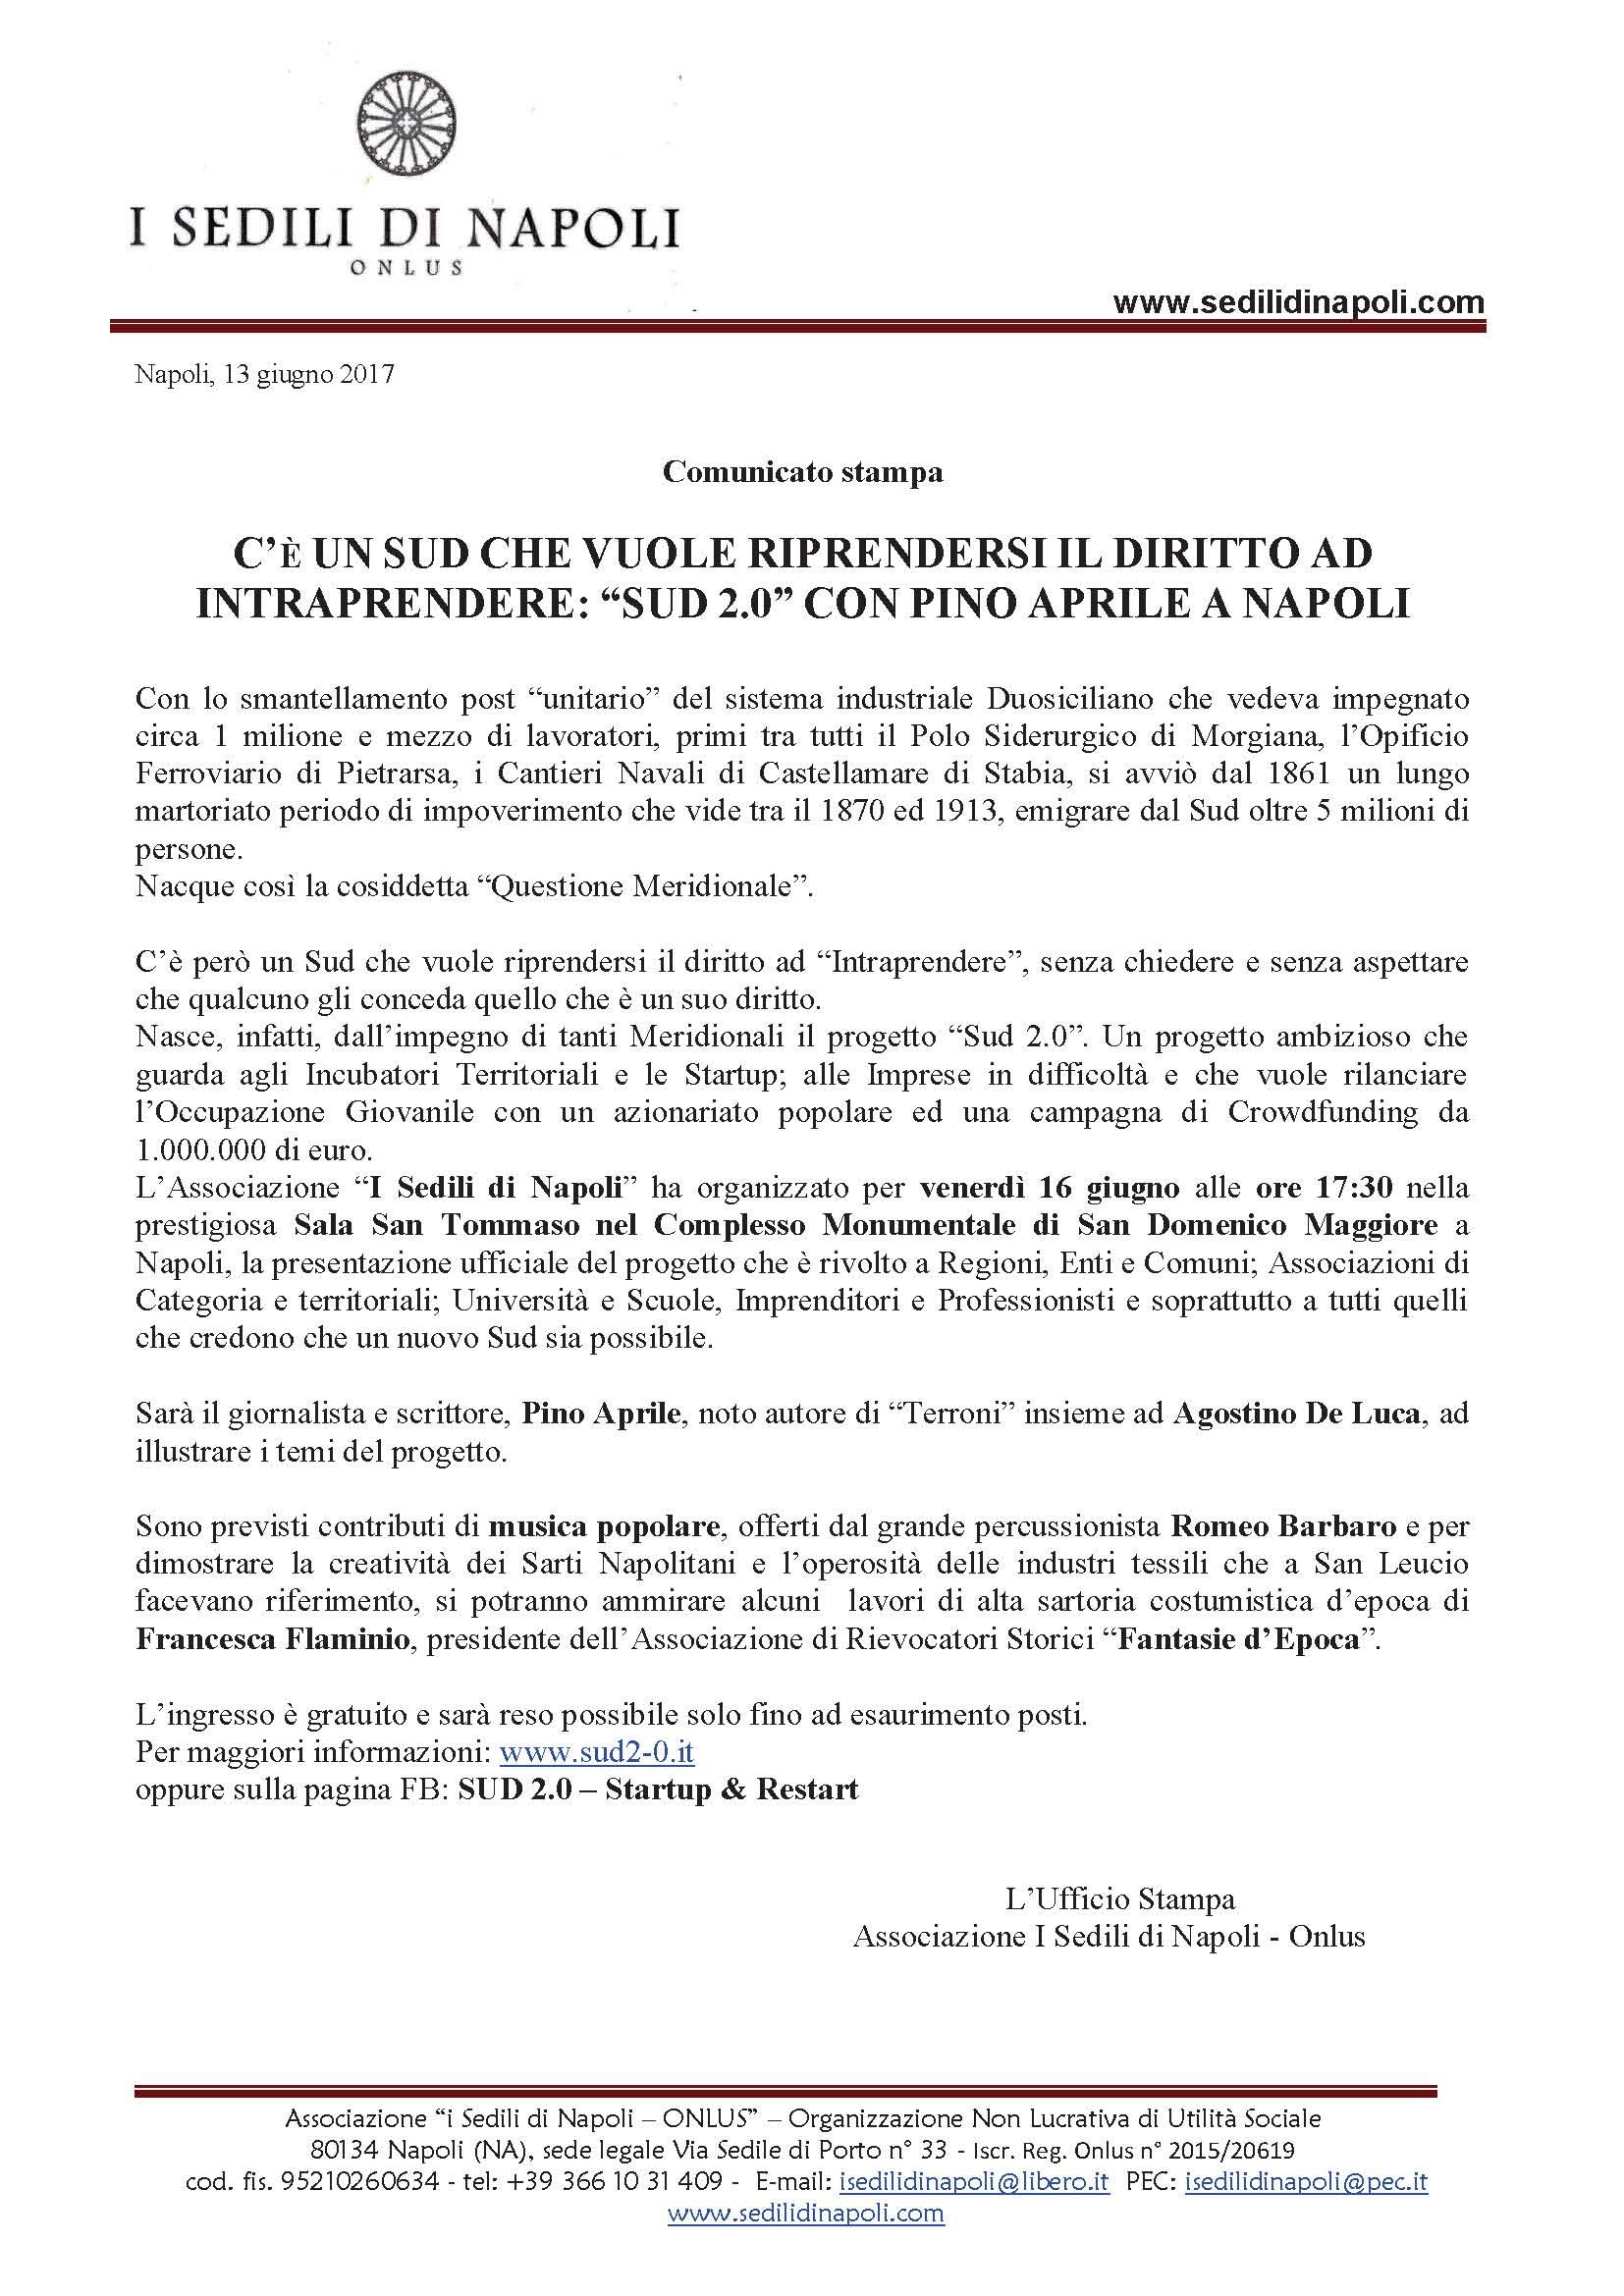 comunicato-stampa-sud-2-0-a-napoli